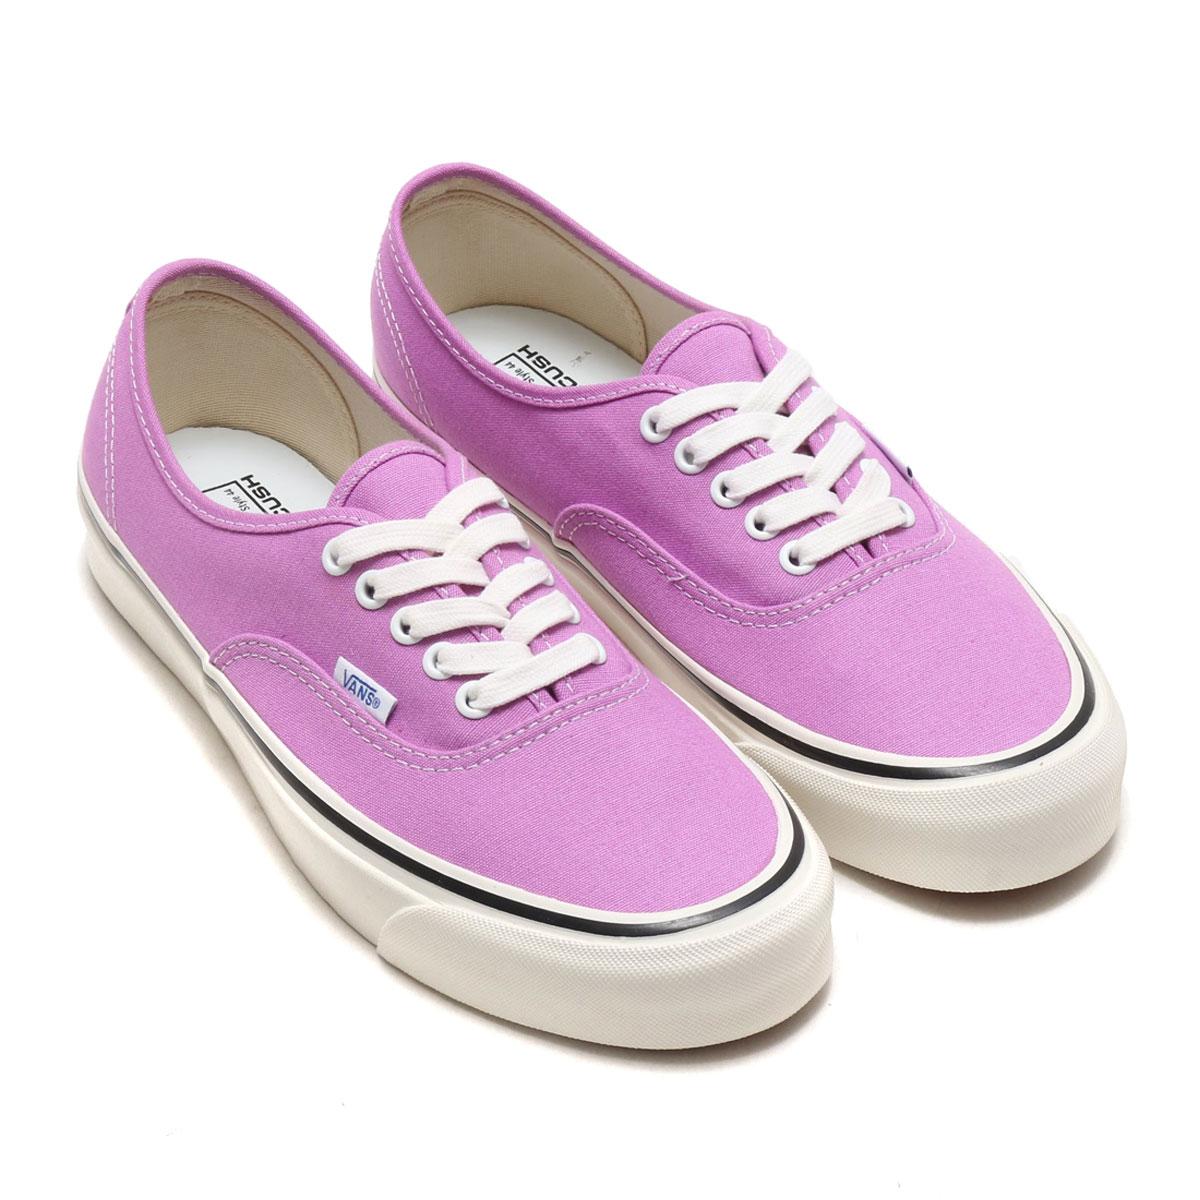 반스 어센틱 애너하임팩토리 OG 라일락 VN0A38ENQA9 보라 핑크 캔버스 스니커즈 Vans Authentic 44 DX ANAHE